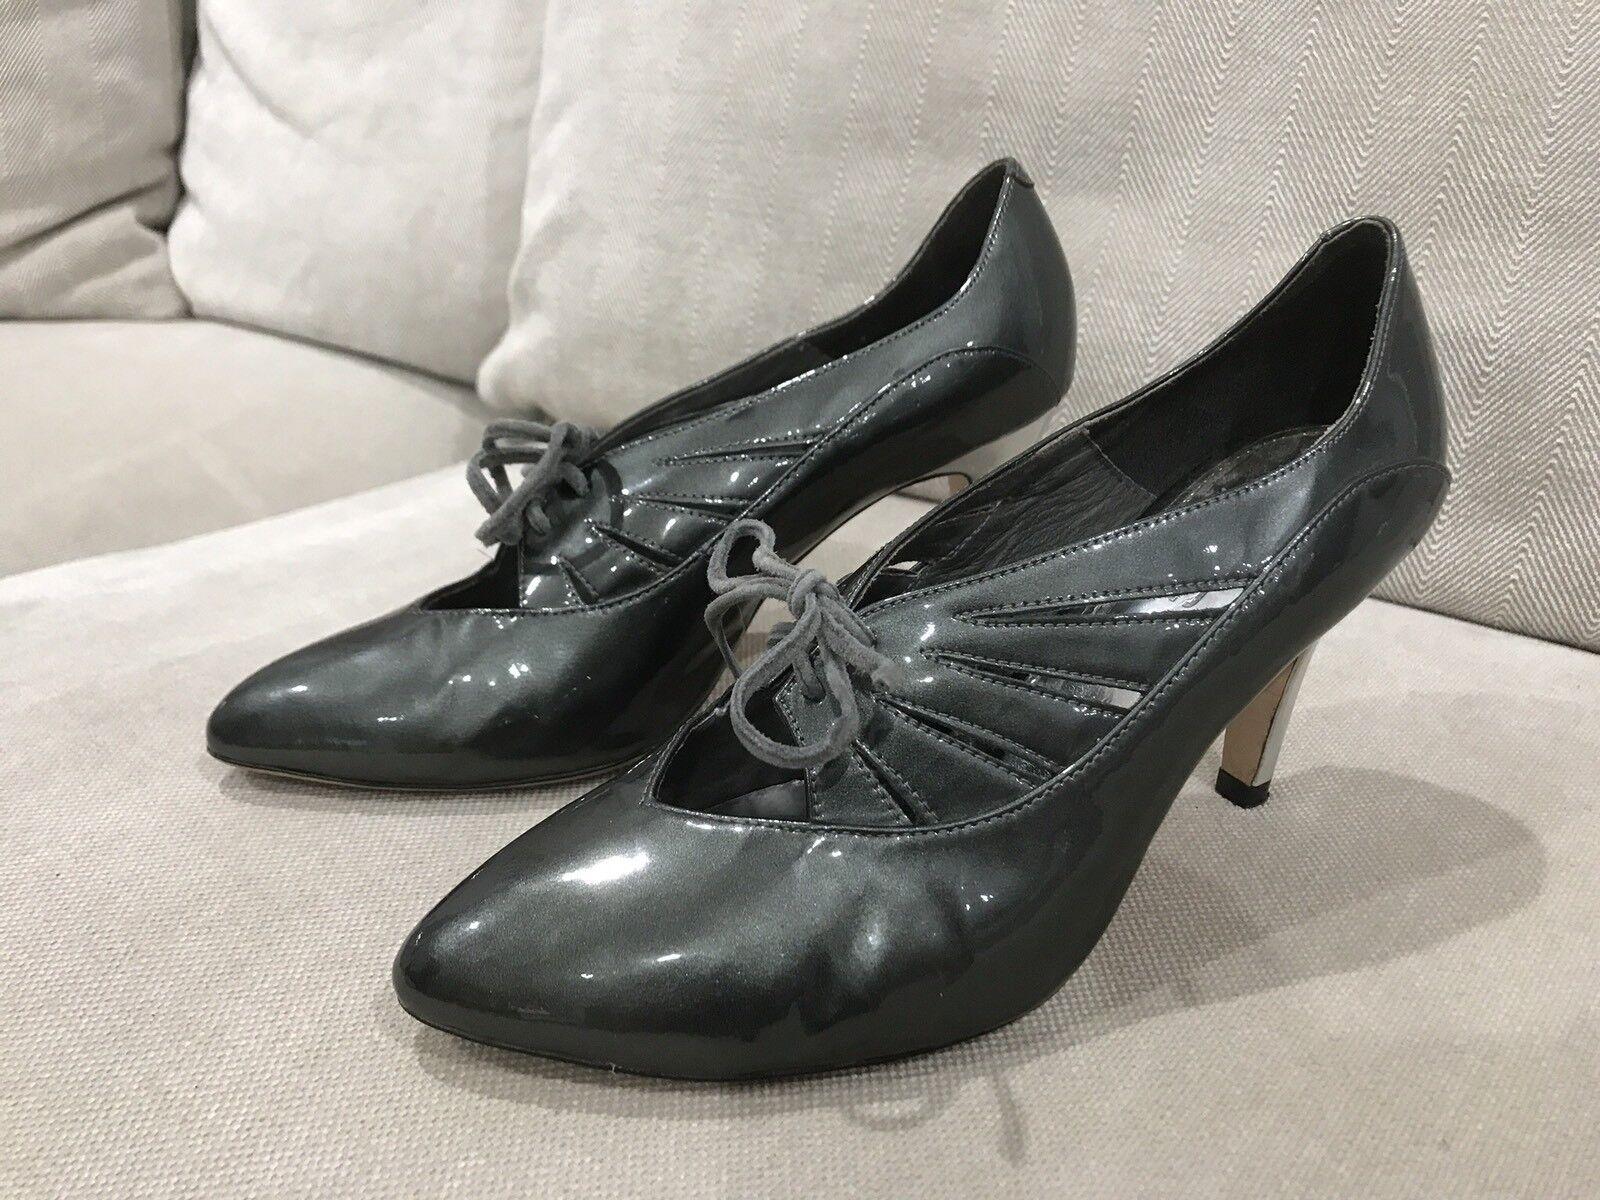 Super Comfy Women's Sachi Pumps Patent Leather Shoes Heels Pumps Sachi Ladies Size 36.5 89b628